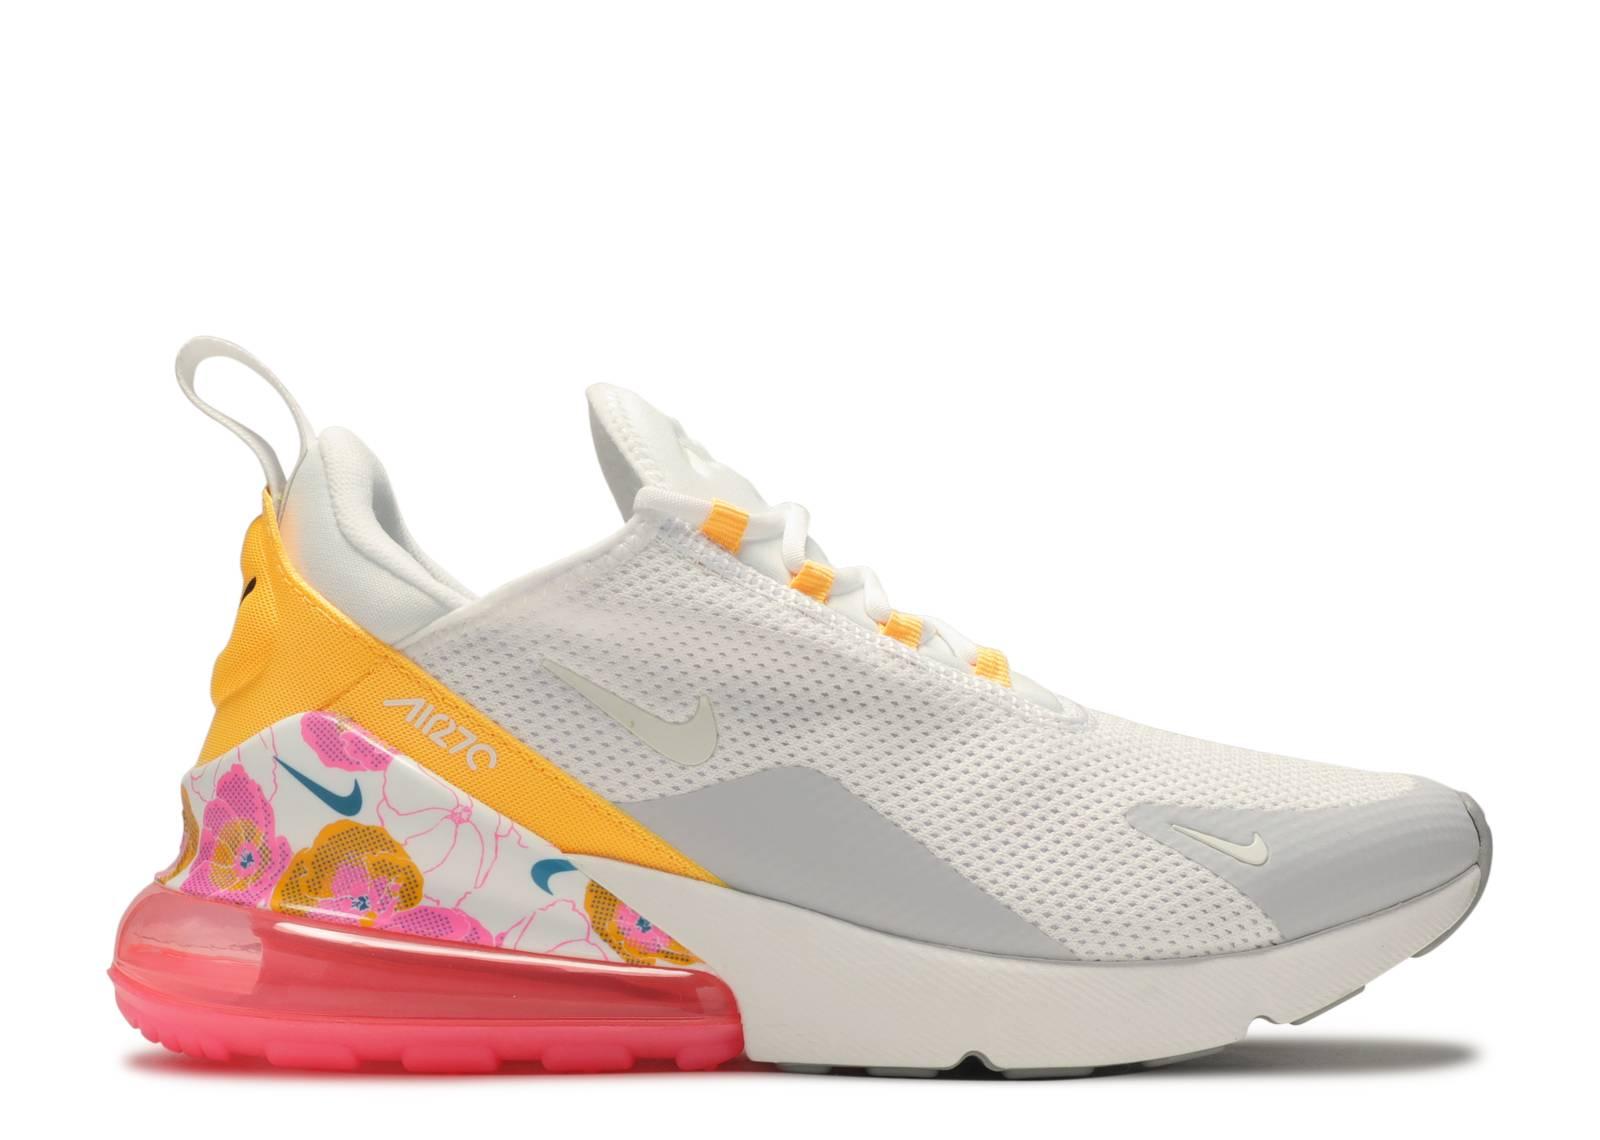 Nike WMNS Air Max 270 SE Floral pink AR0499 101 | 43einhalb Sneaker Store